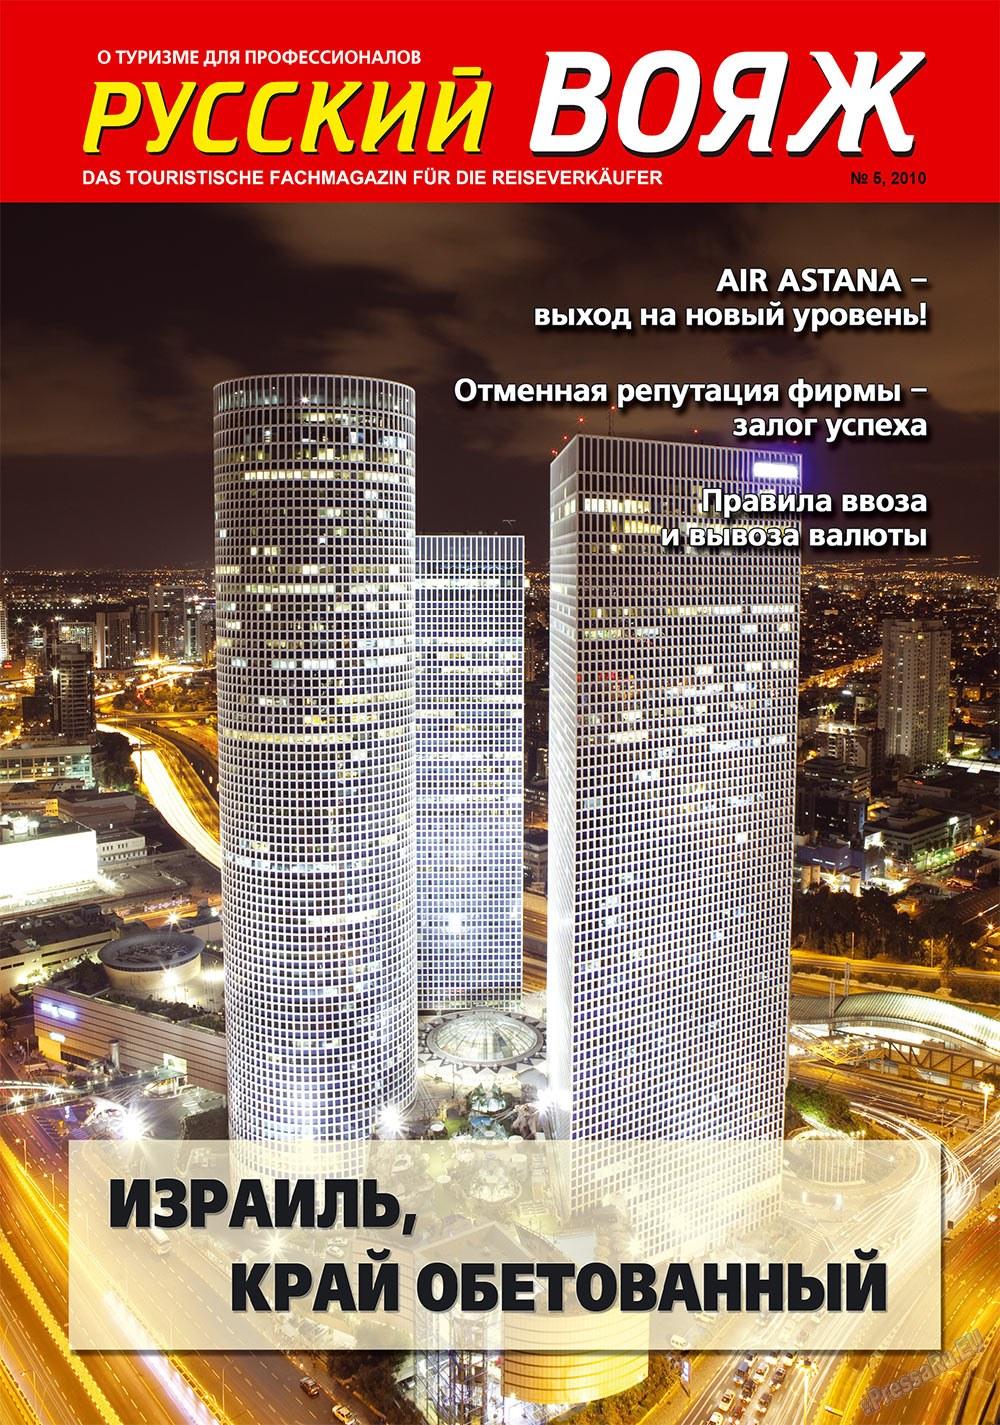 Русский вояж (журнал). 2010 год, номер 5, стр. 1